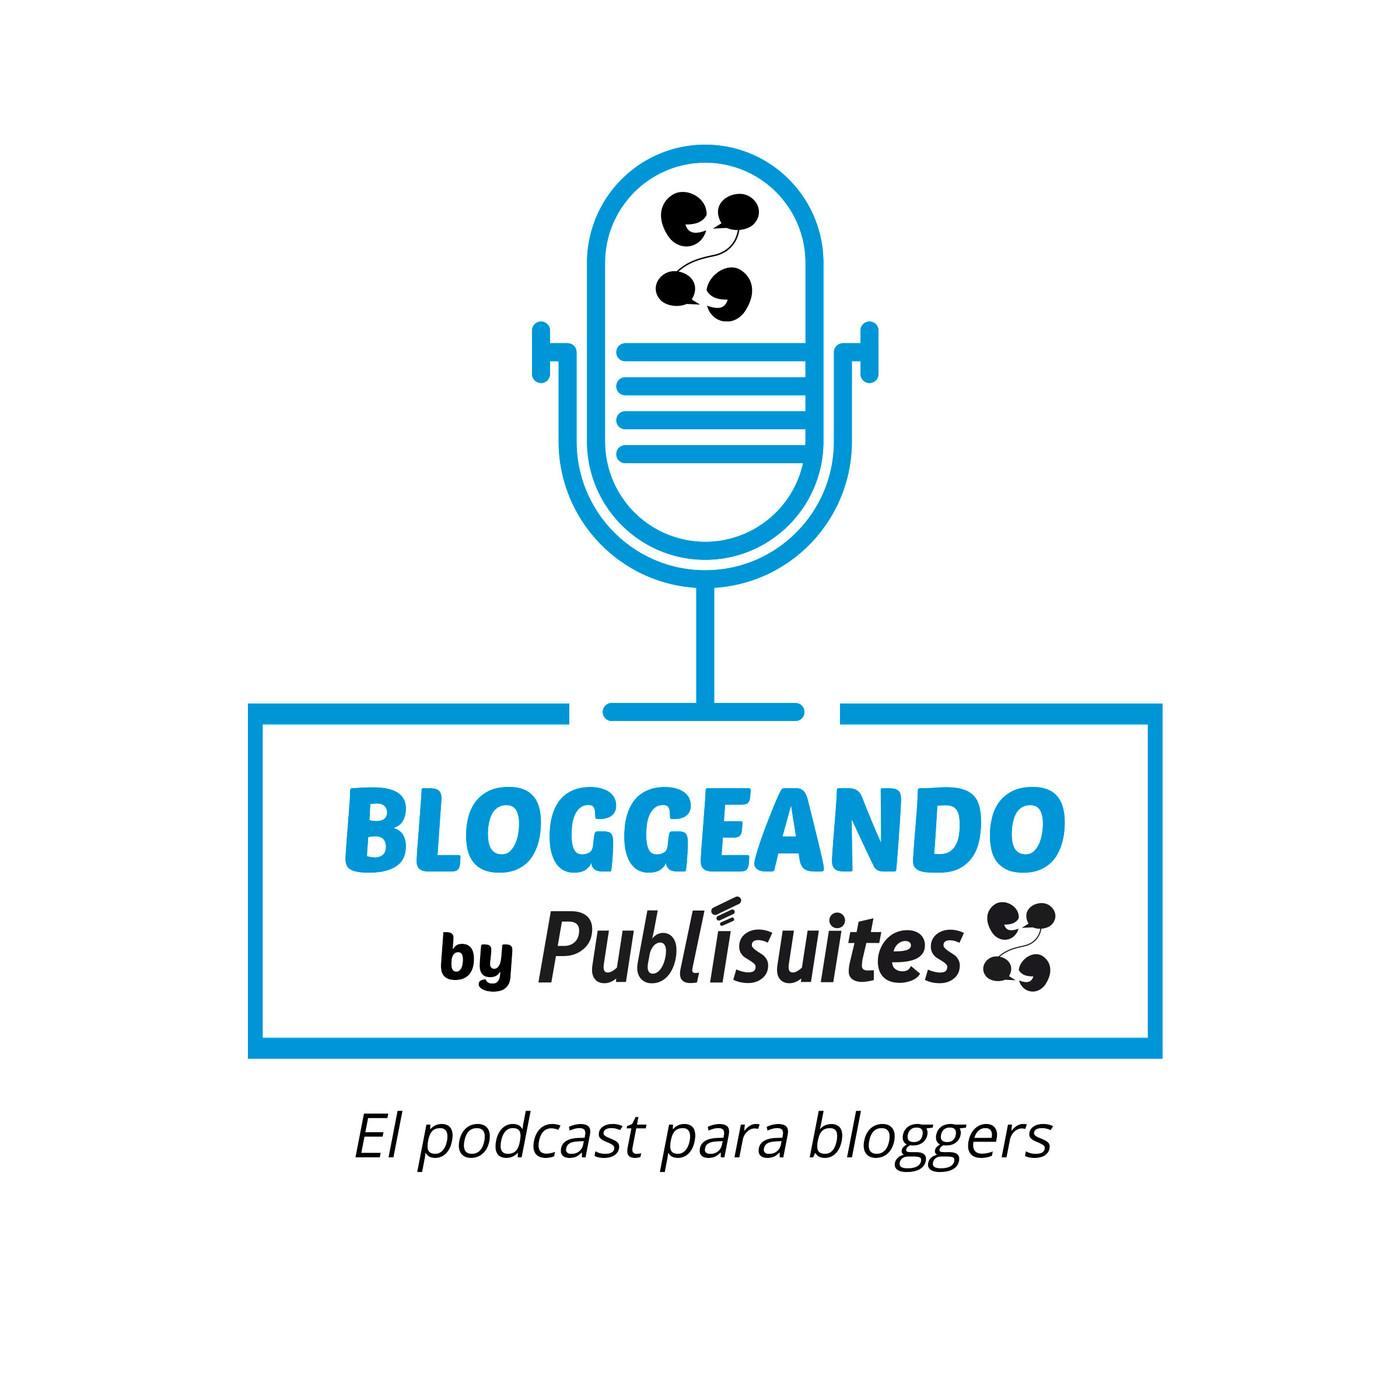 ¡Participa! Encuesta para Bloggers y regalos fantásticos en Bloggeando